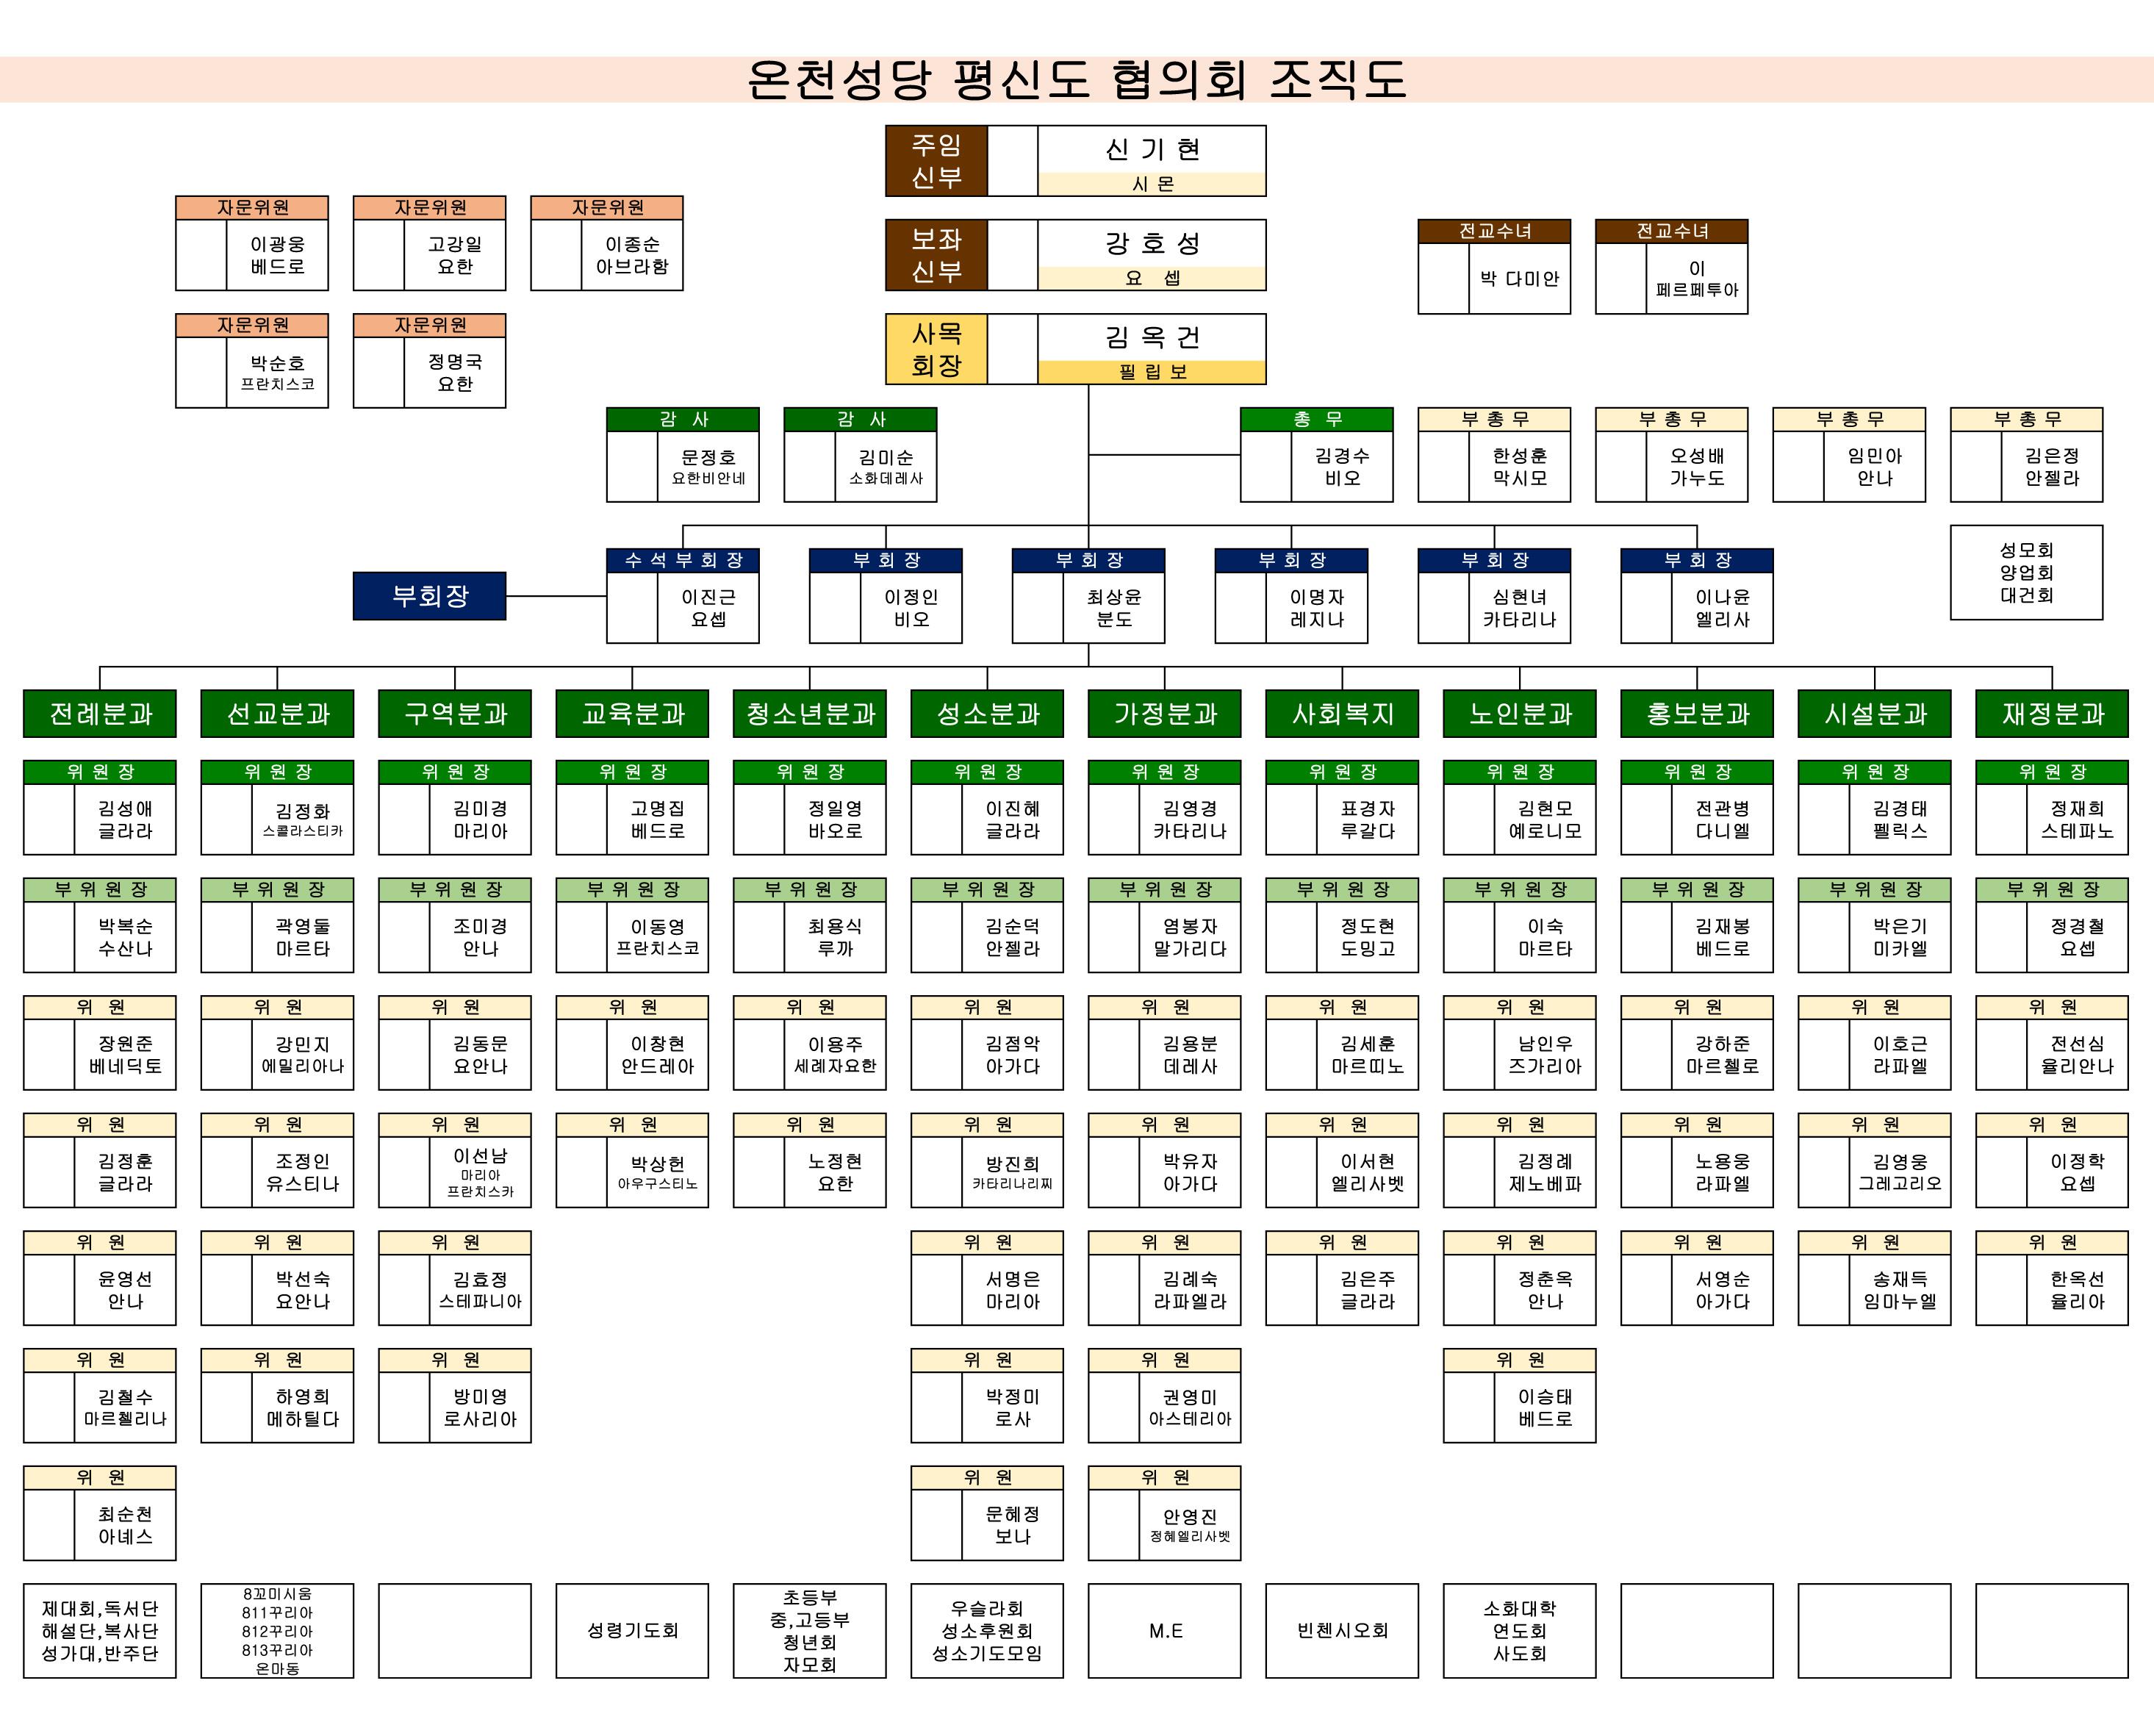 21년 온천성당 평협 임원 조직도.jpg